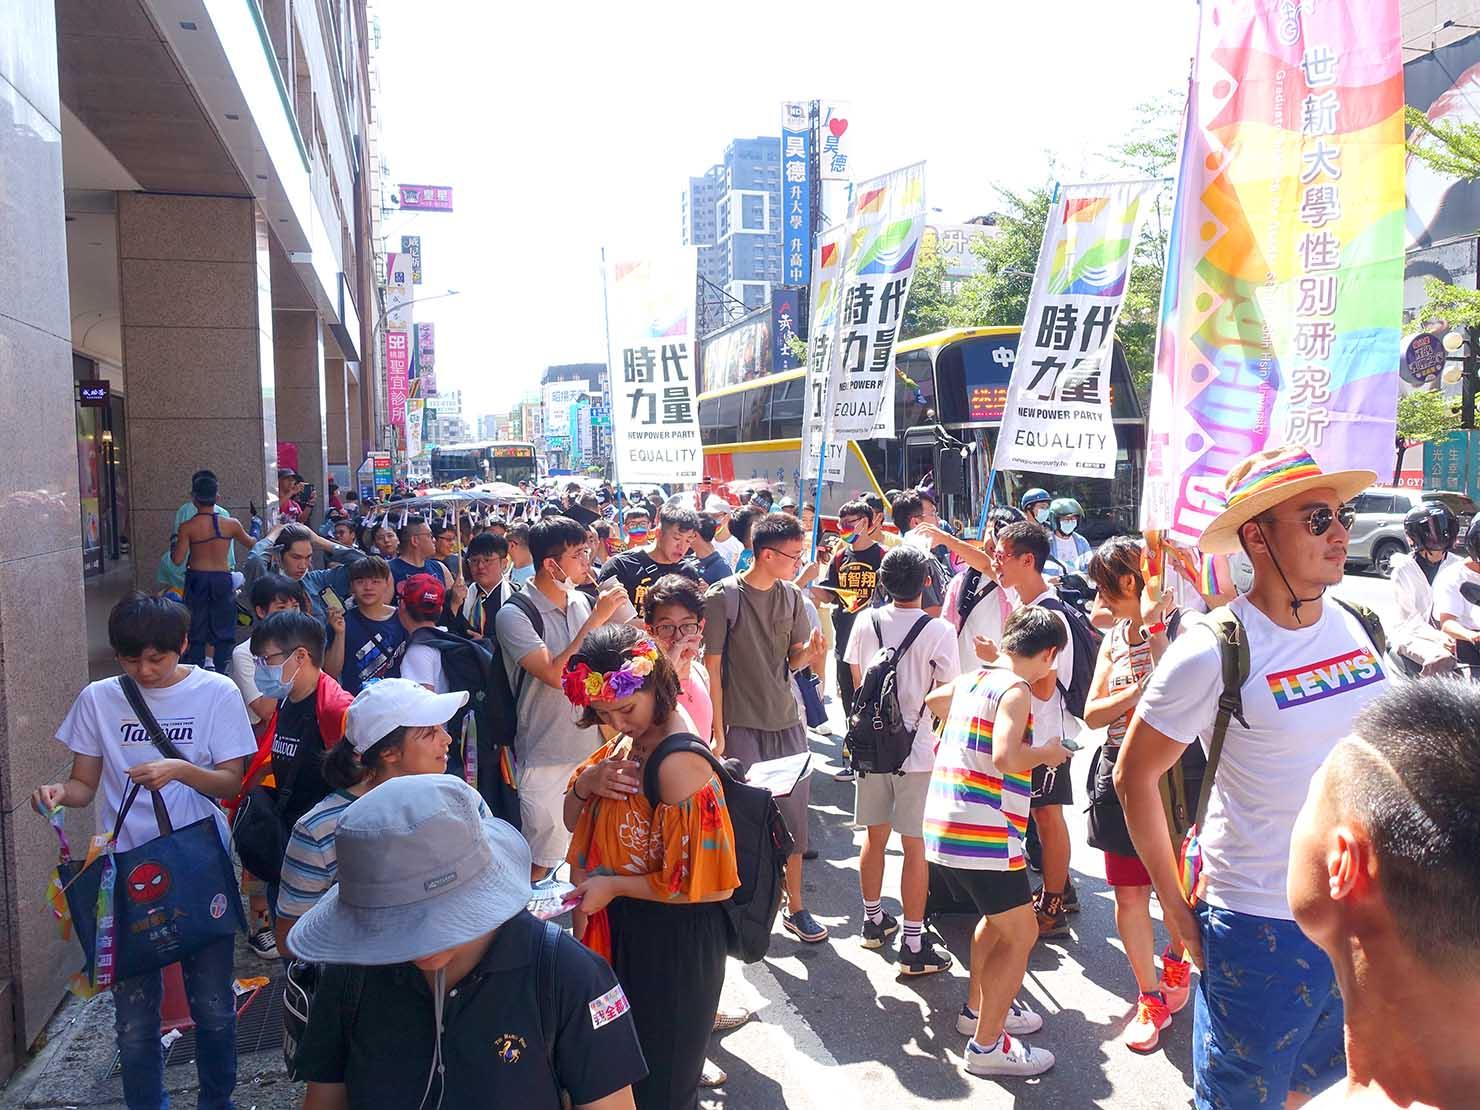 台湾・桃園のLGBTプライド「桃園彩虹野餐日」2020で繁華街に差しかかるパレード隊列を振り返る